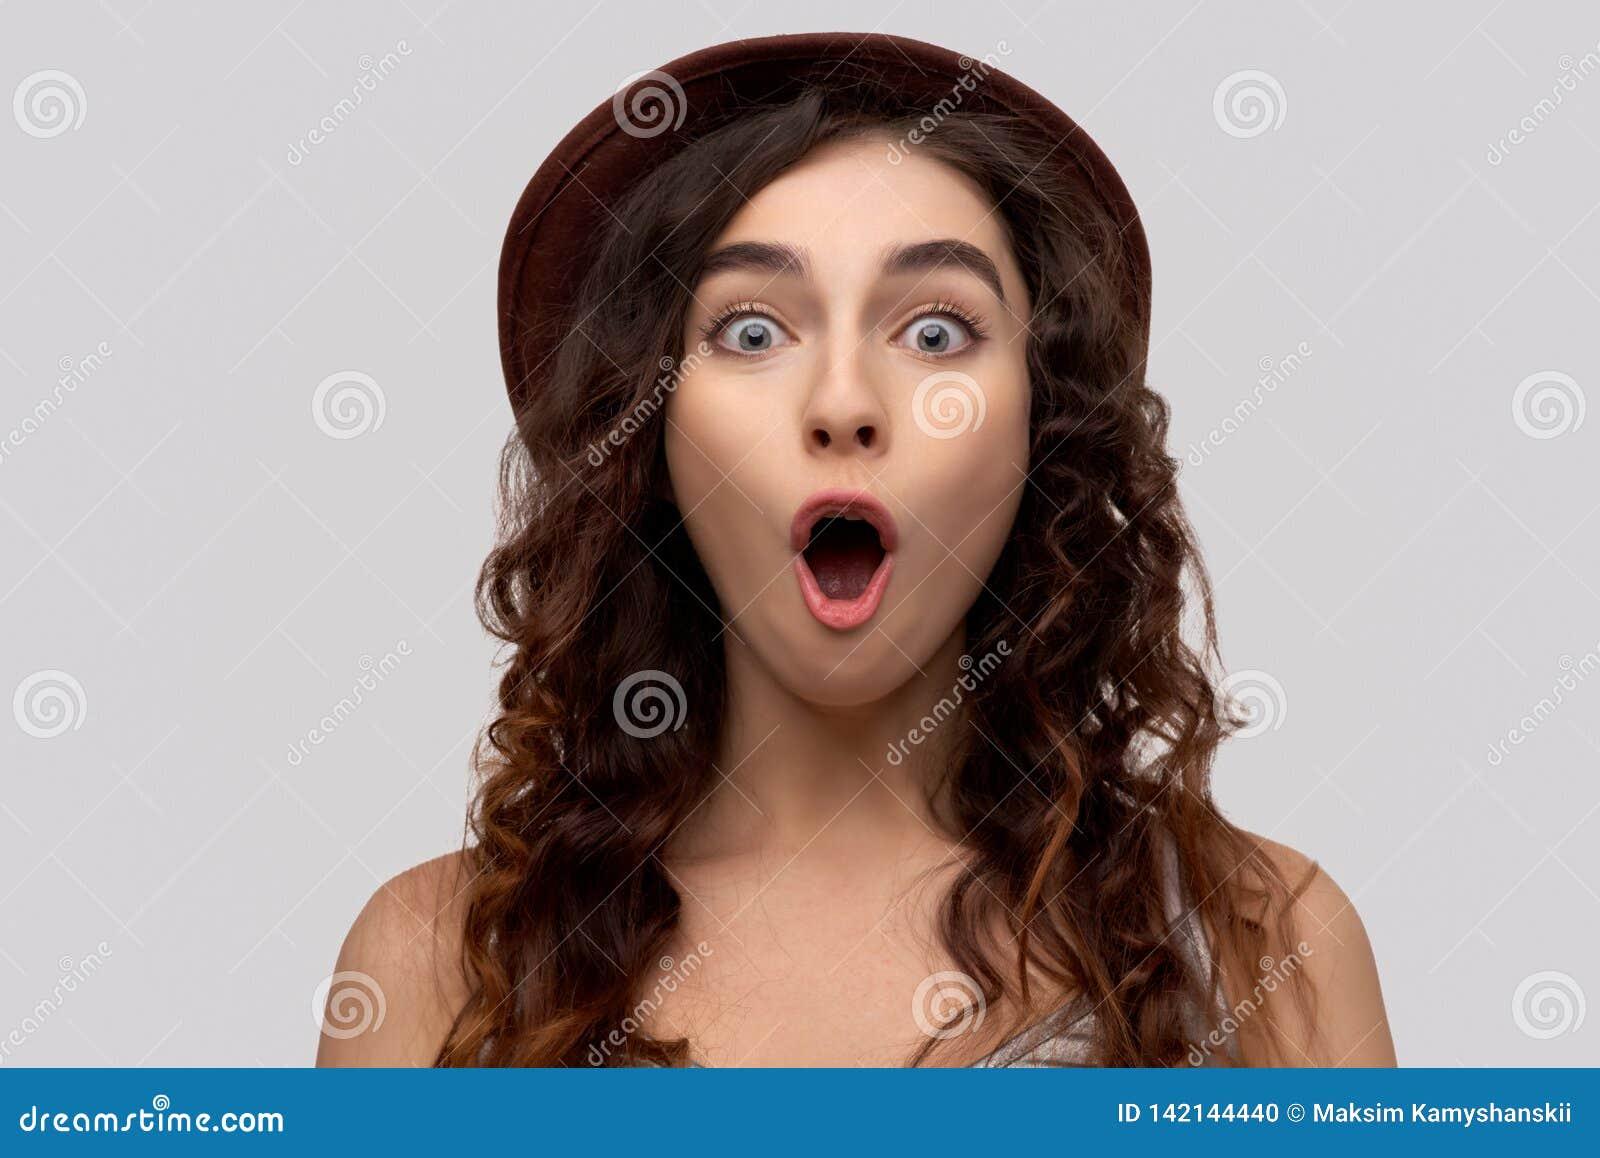 Fotografia ubierająca w przypadkowym stroju budzący emocje potomstwa jeden kobieta szokuje, reaguje na coś